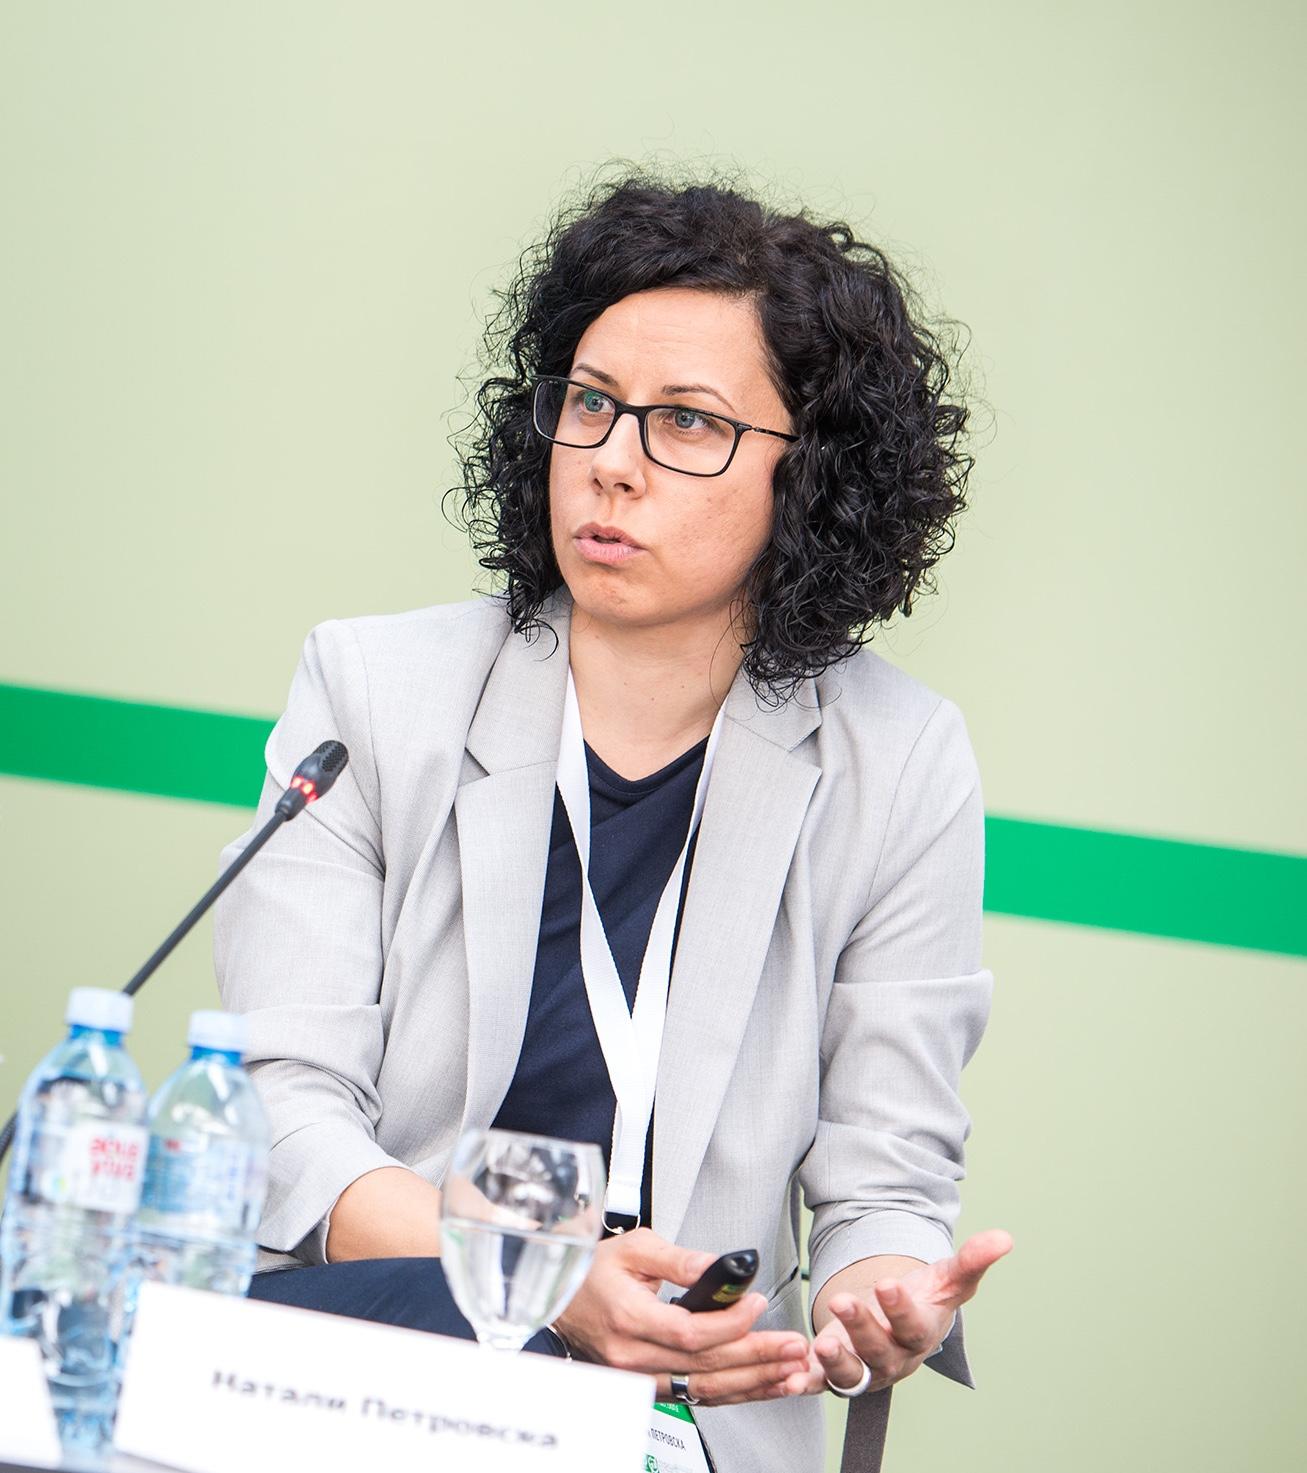 Петровска: После 15 години судски мониторинг сé уште наидуваме на мешани реакции кај судиите и обвинителите